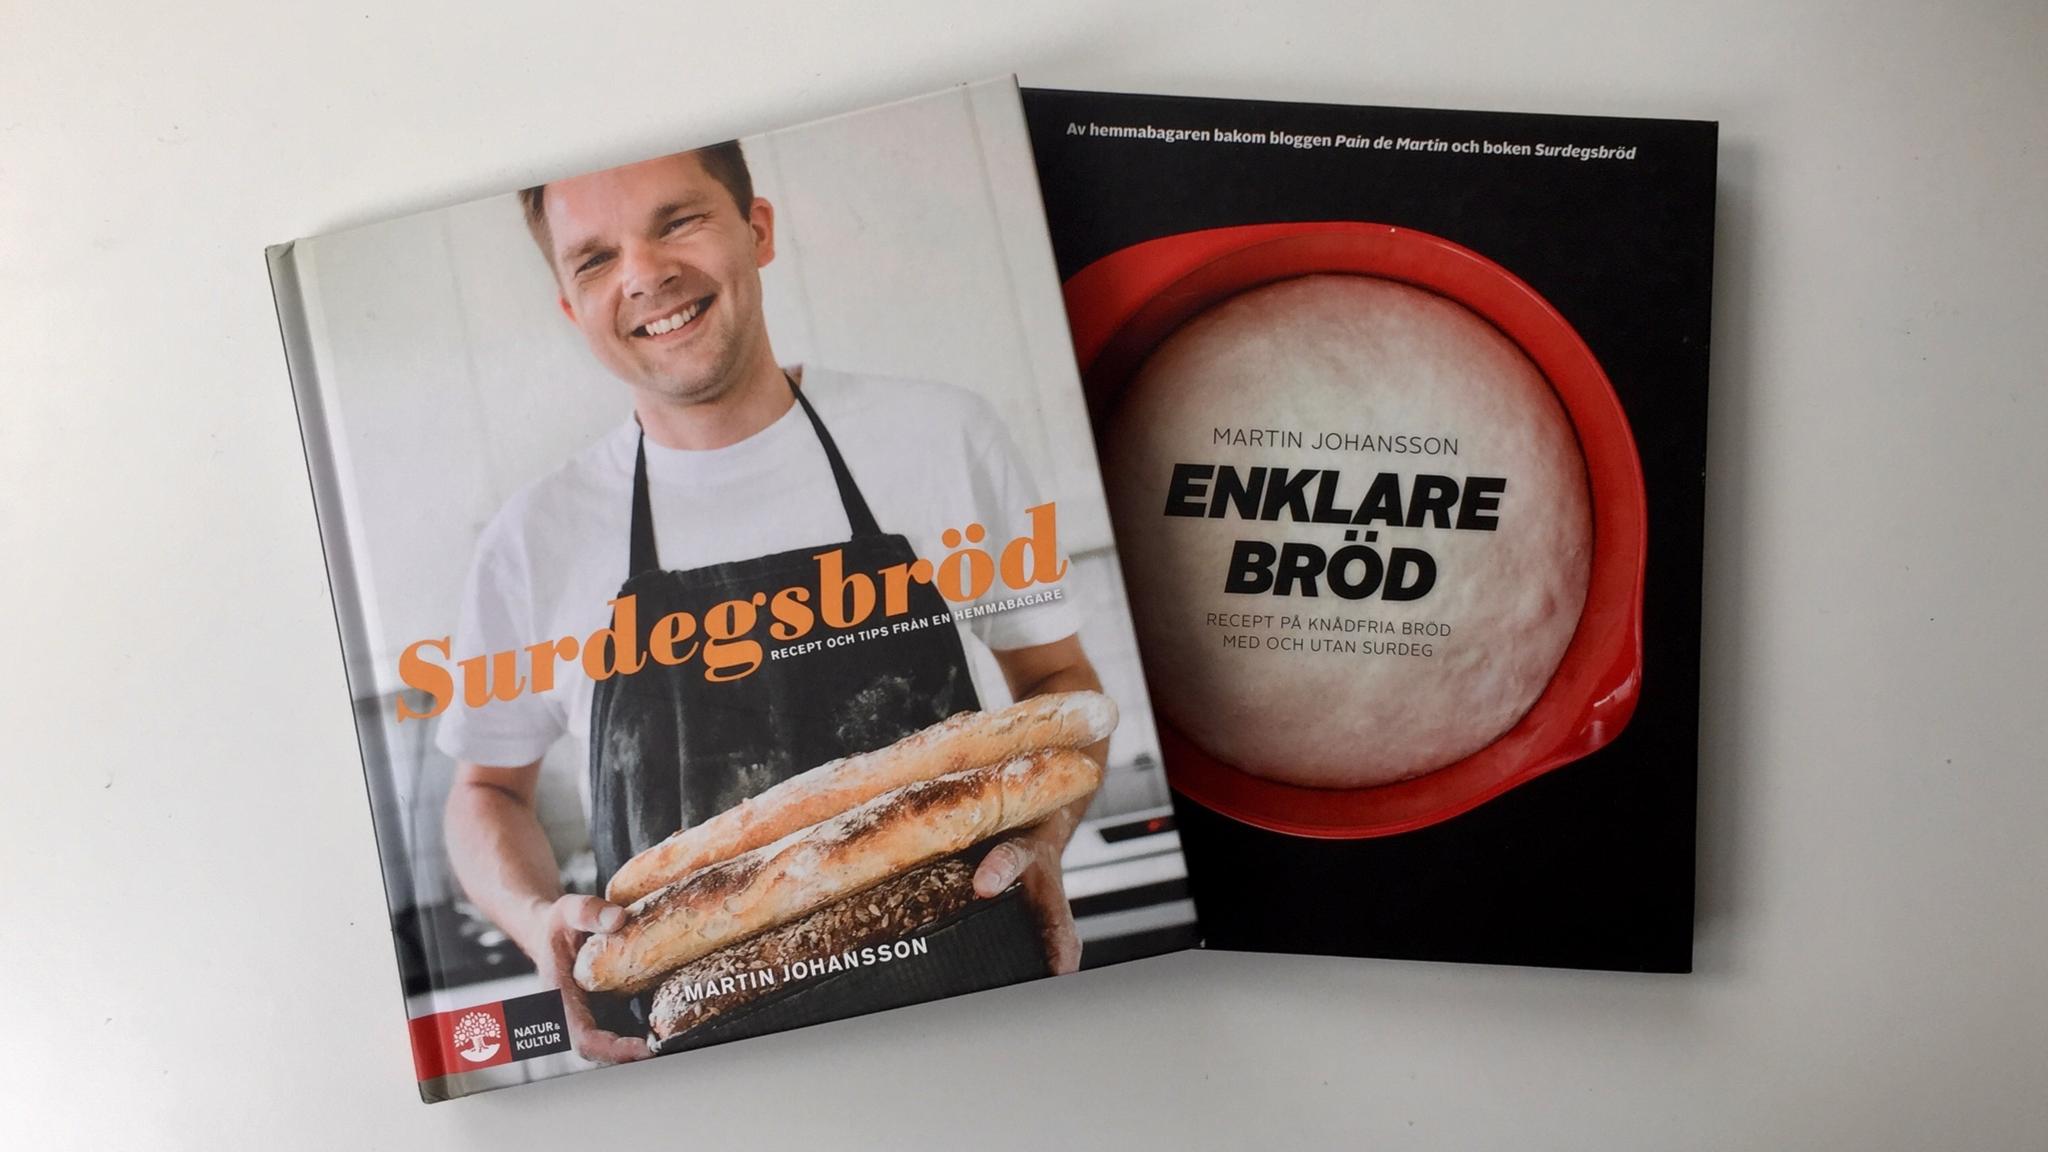 Surdegsbröd från 2009 och Enklare bröd från 2010. Två milstolpar.